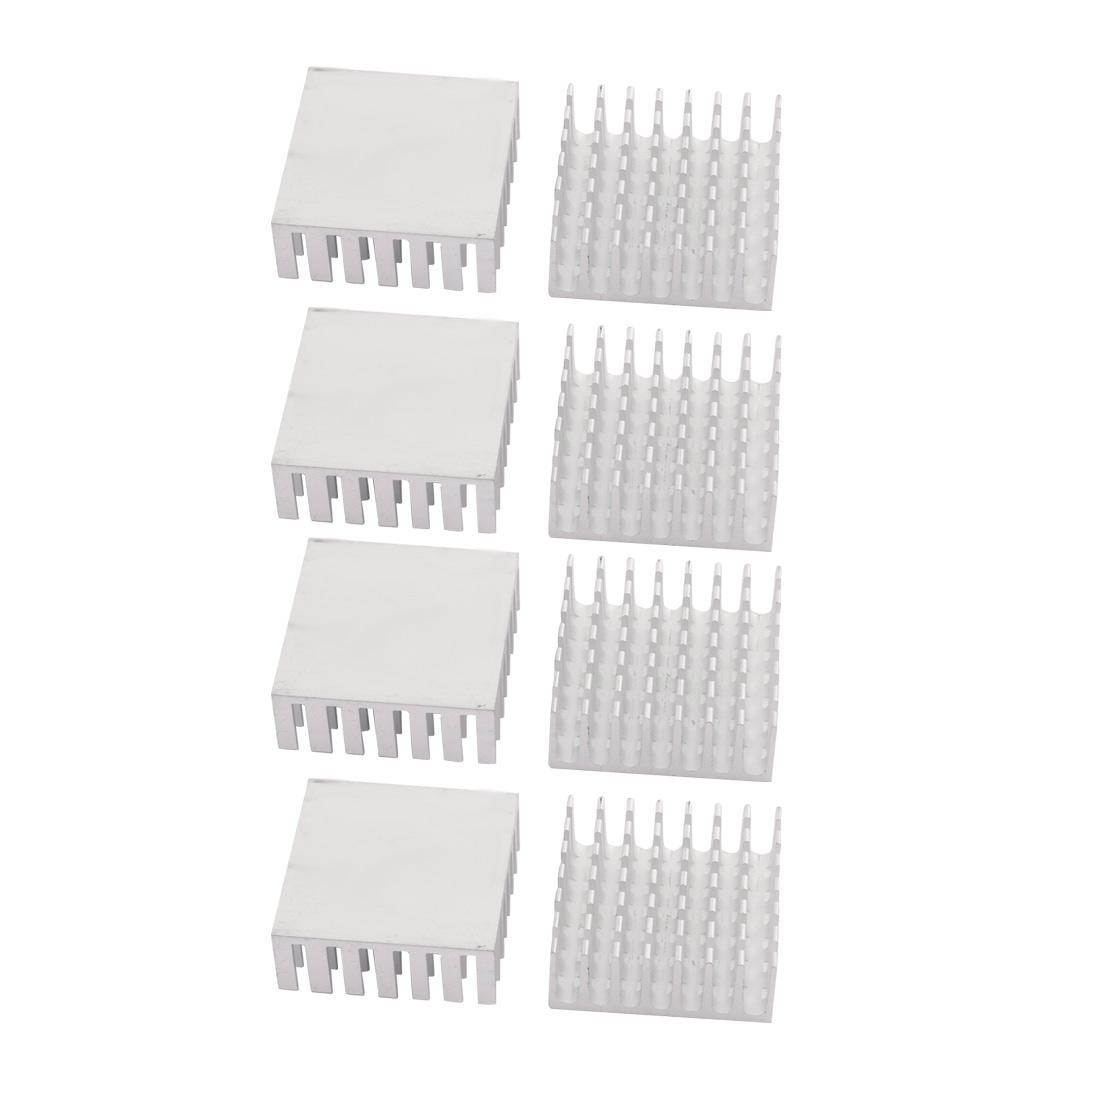 8pcs 28mmx28mmx11mm Aluminum Heatsink Heat Diffuse Cooling Fin